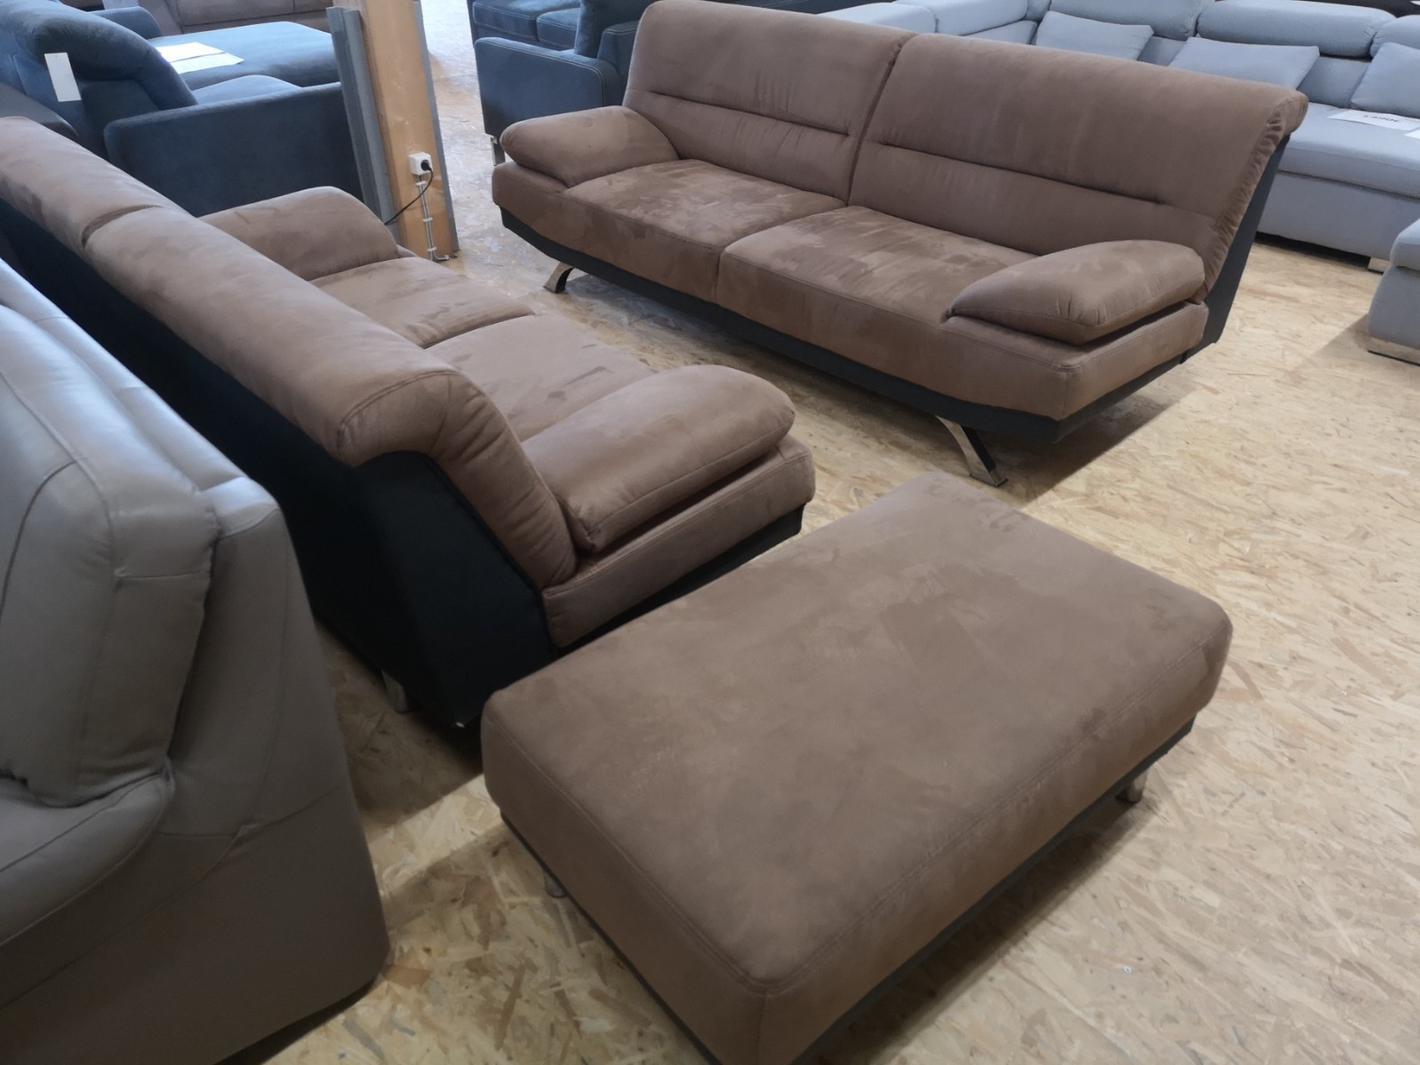 Full Size of Sofa Günstig Kaufen Gnstig Schlafsofa Liegefläche 160x200 Indomo U Form Himolla Ohne Lehne Breit Riess Ambiente Modernes Leinen Big Mit Hocker Mega Komplett Sofa Sofa Günstig Kaufen